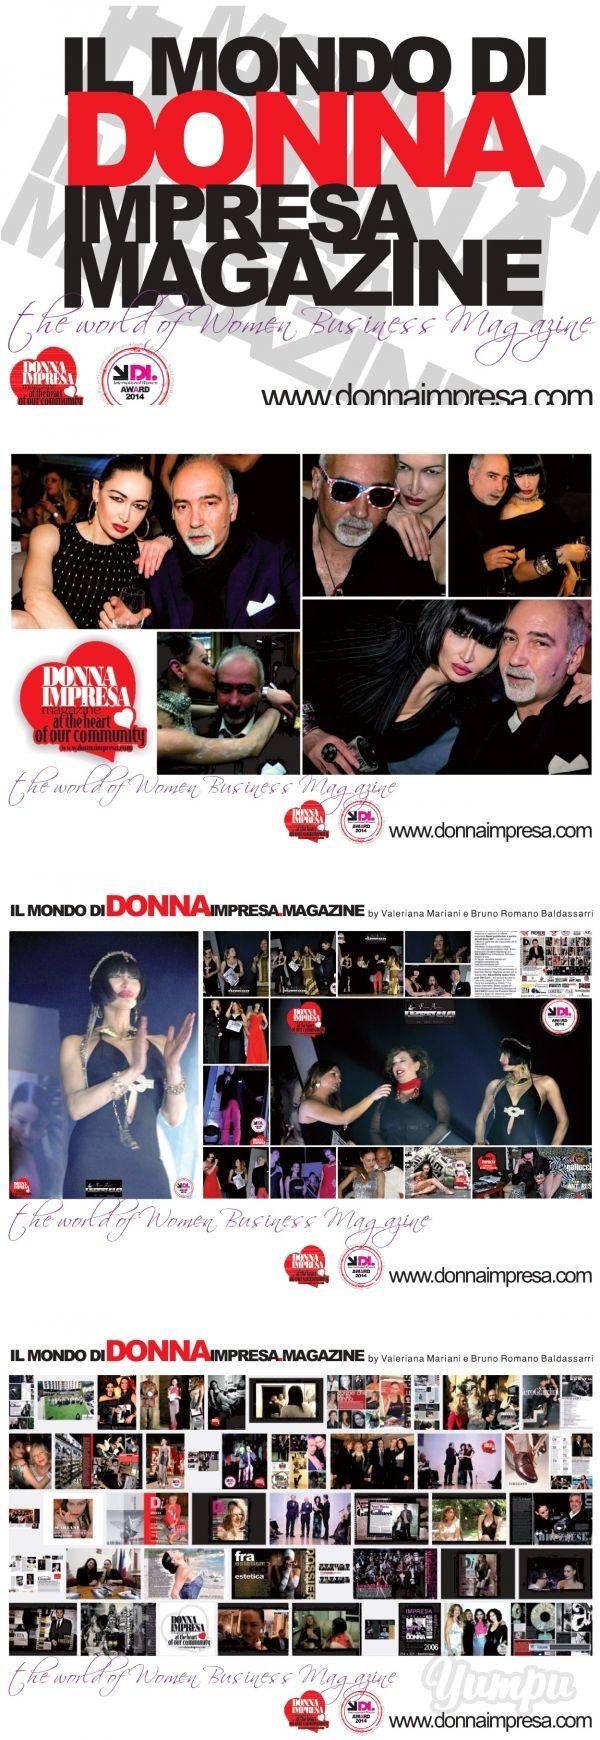 IL MONDO DI DONNA IMPRESA 2015 since 2006 - Magazine with 13 pages: Il Mondo di…